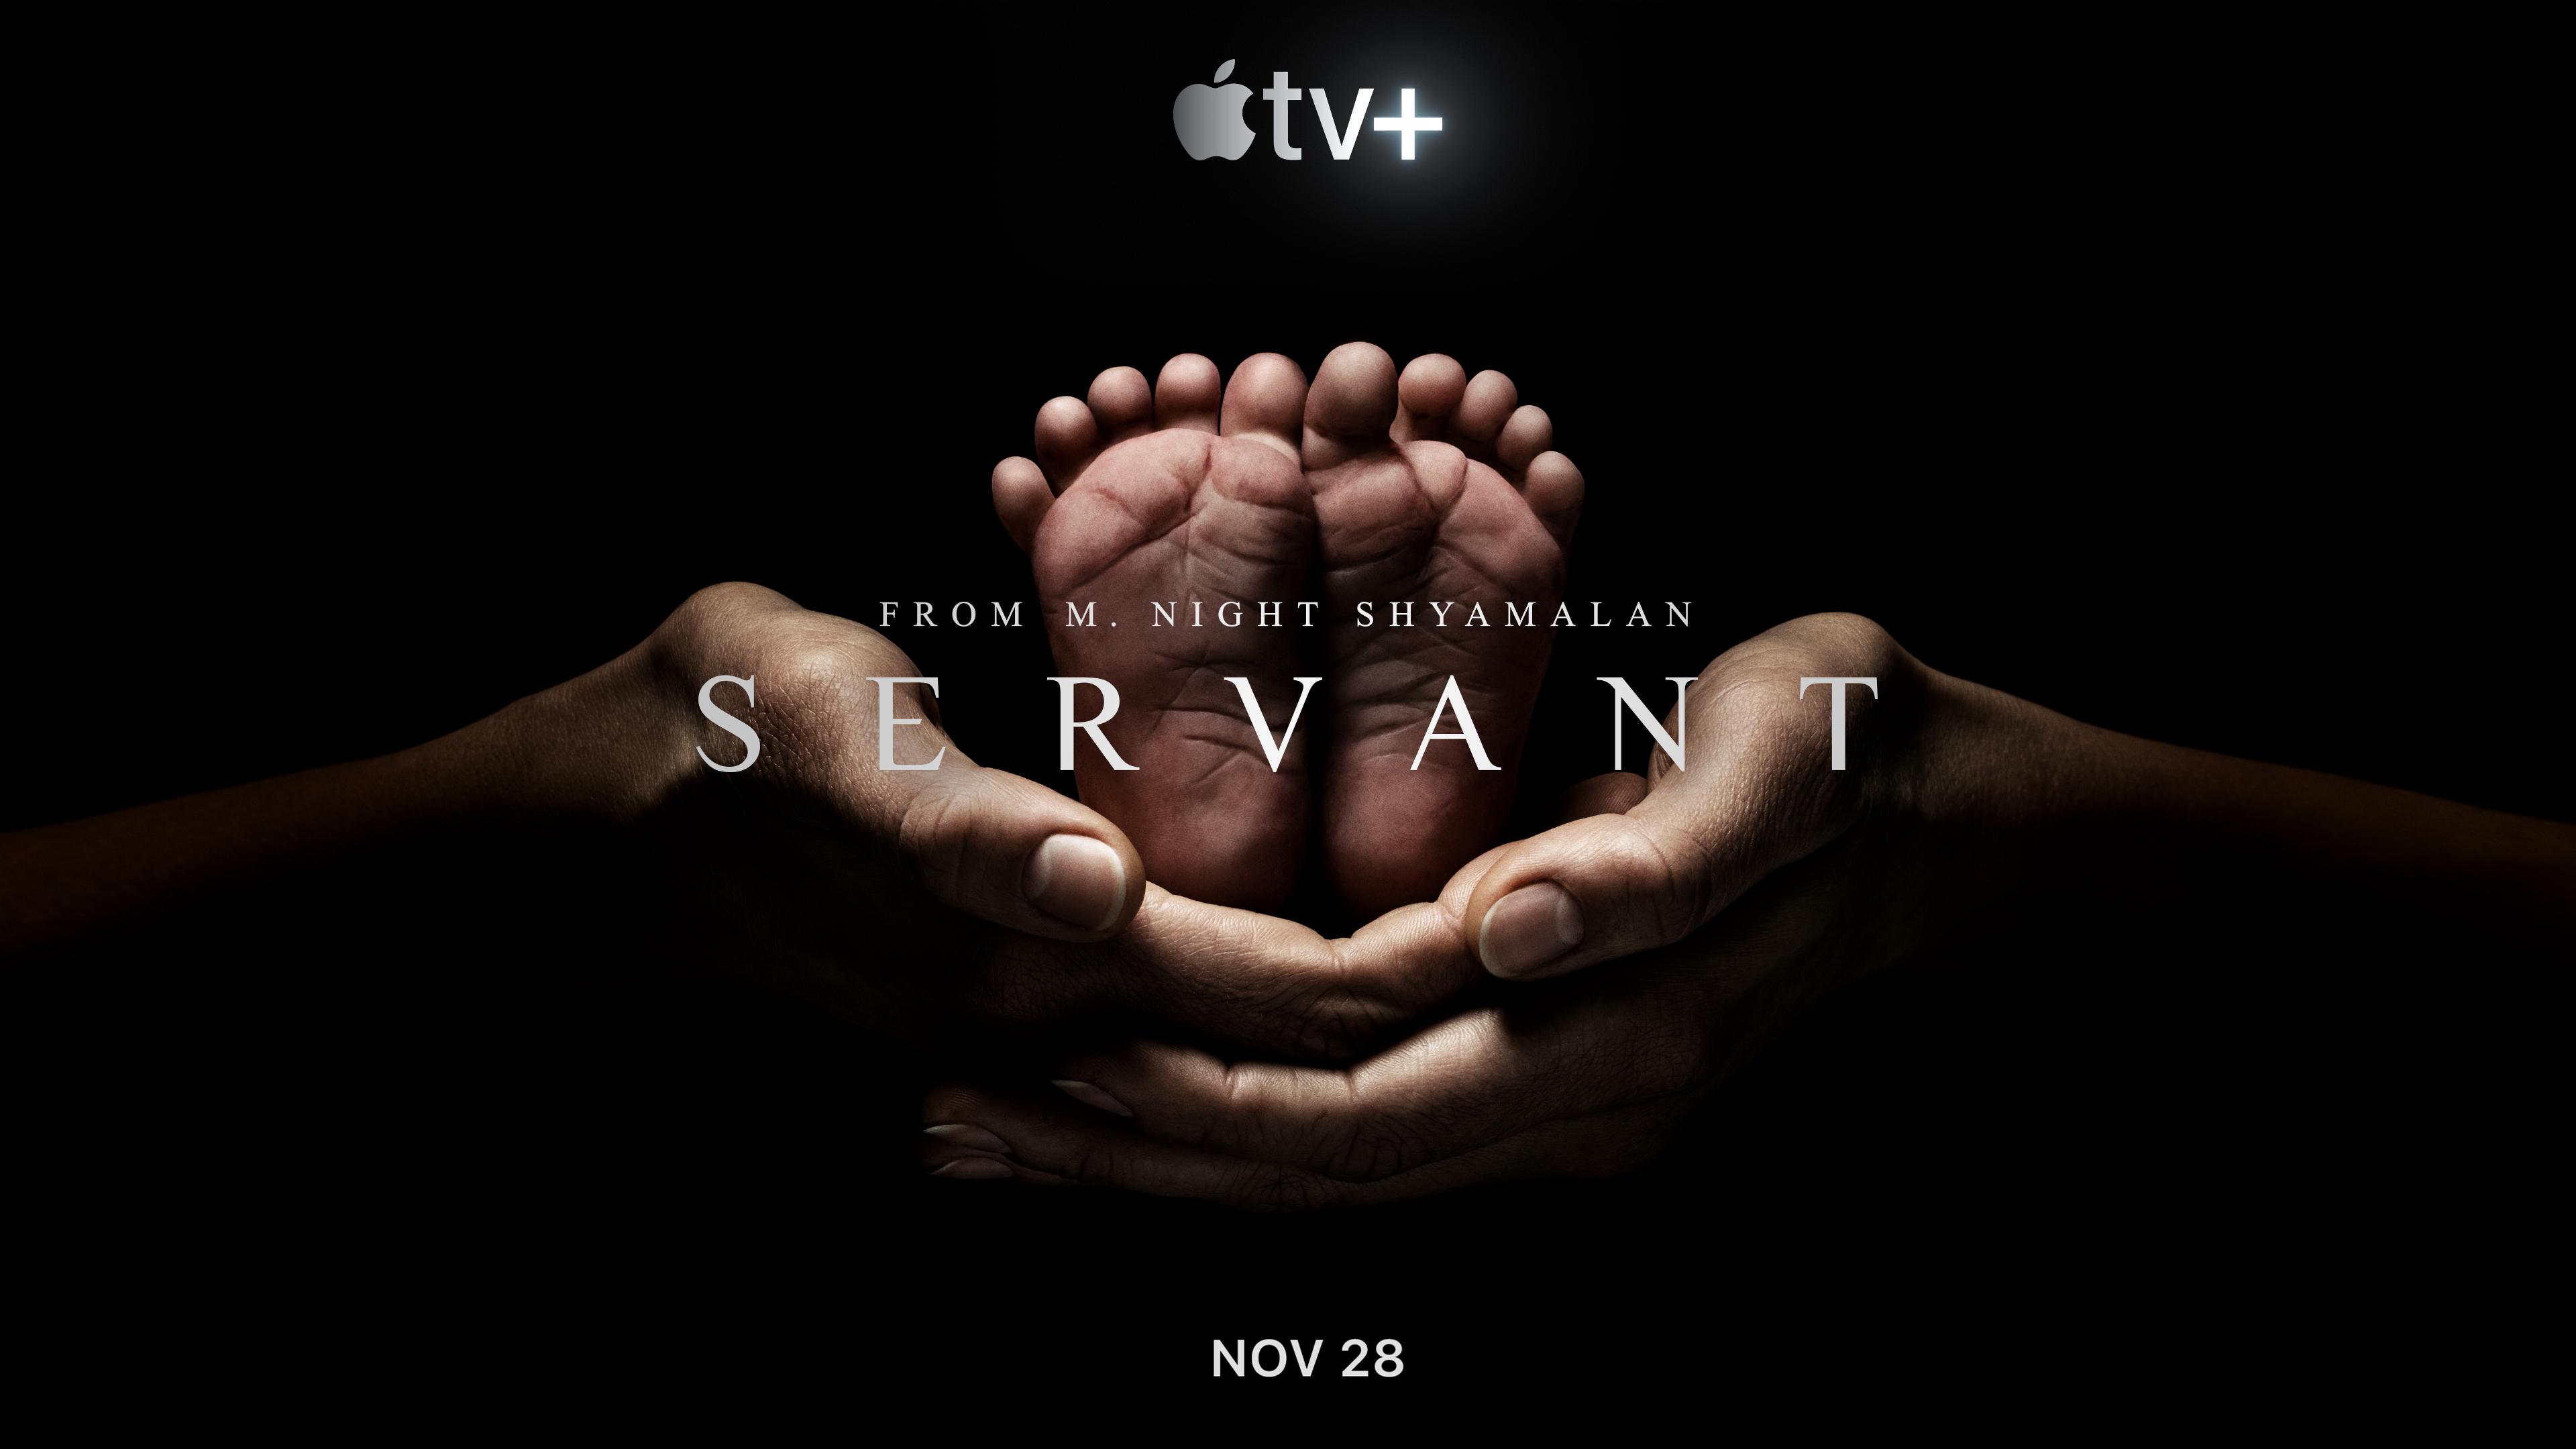 [News] Trailer Released for Apple's SERVANT